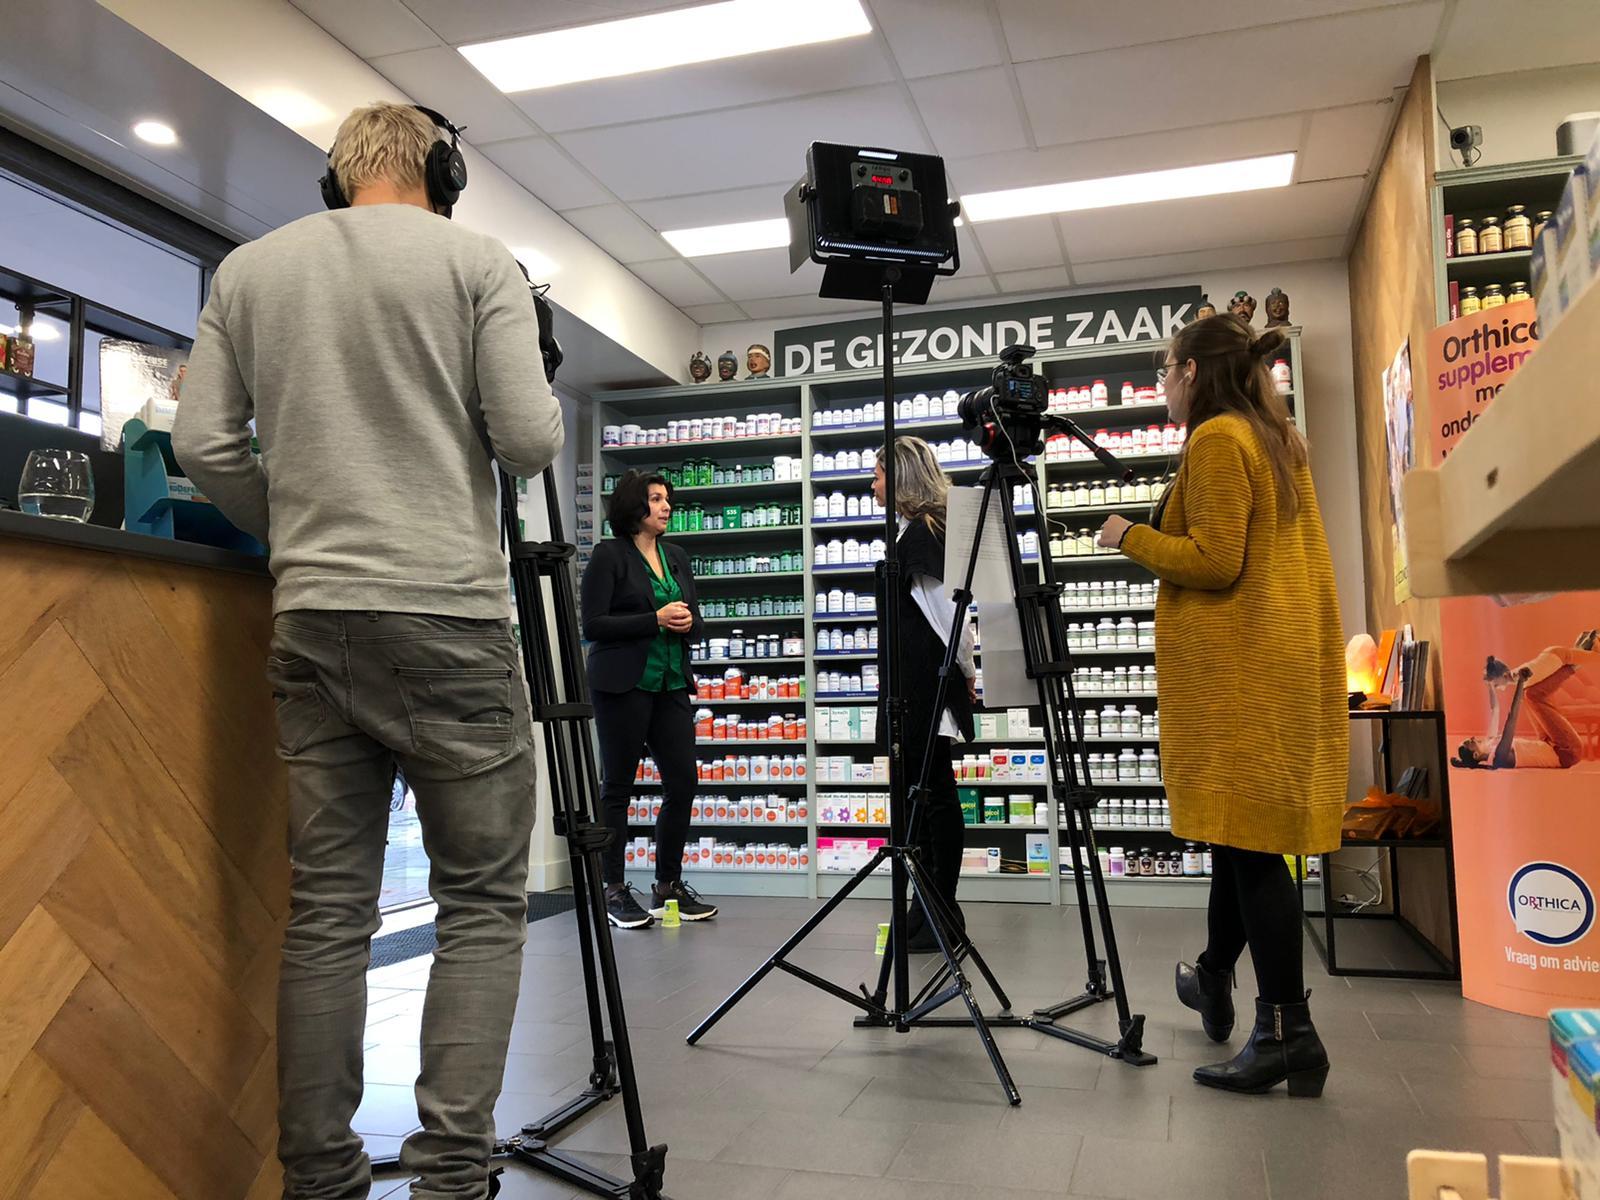 De Gezonde Zaak in Apeldoorn schittert op tv